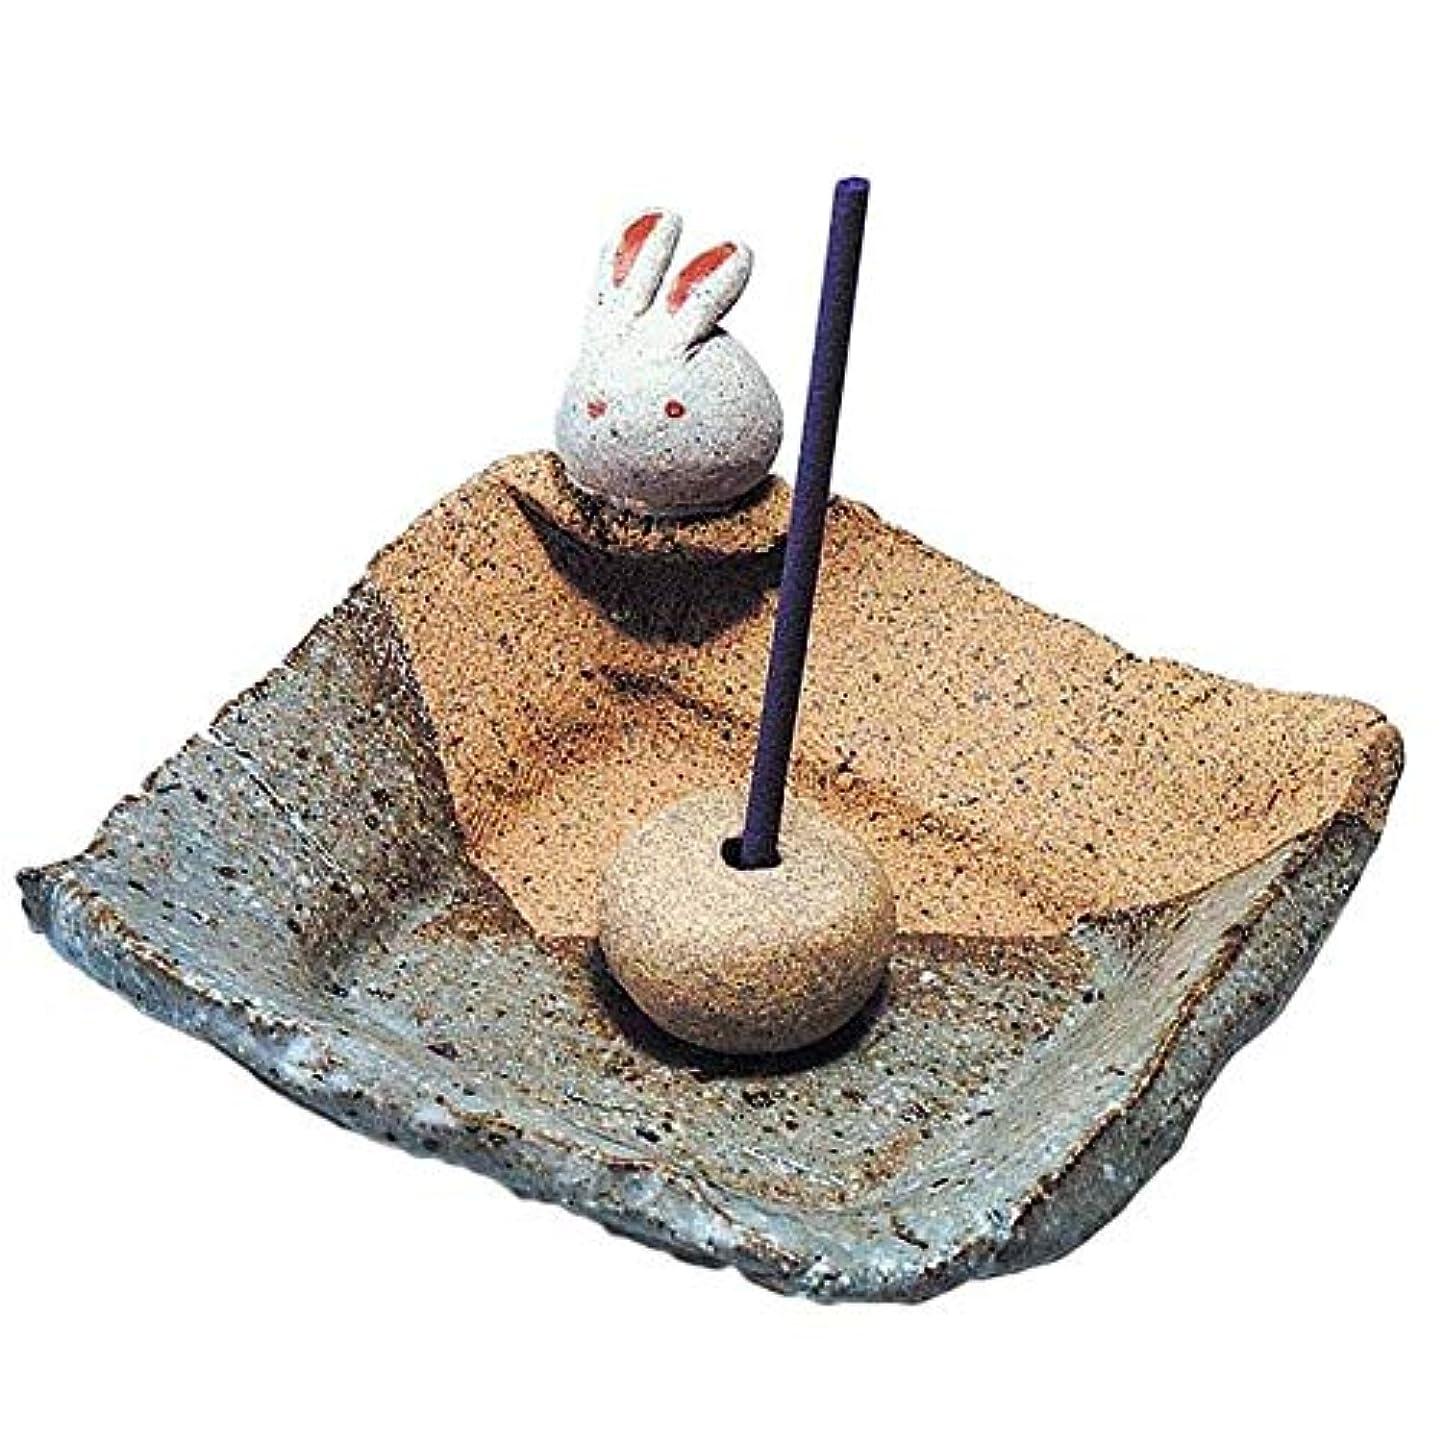 緊張する公平演劇手造り 香皿 香立て/うさぎ 香皿/香り アロマ 癒やし リラックス インテリア プレゼント 贈り物